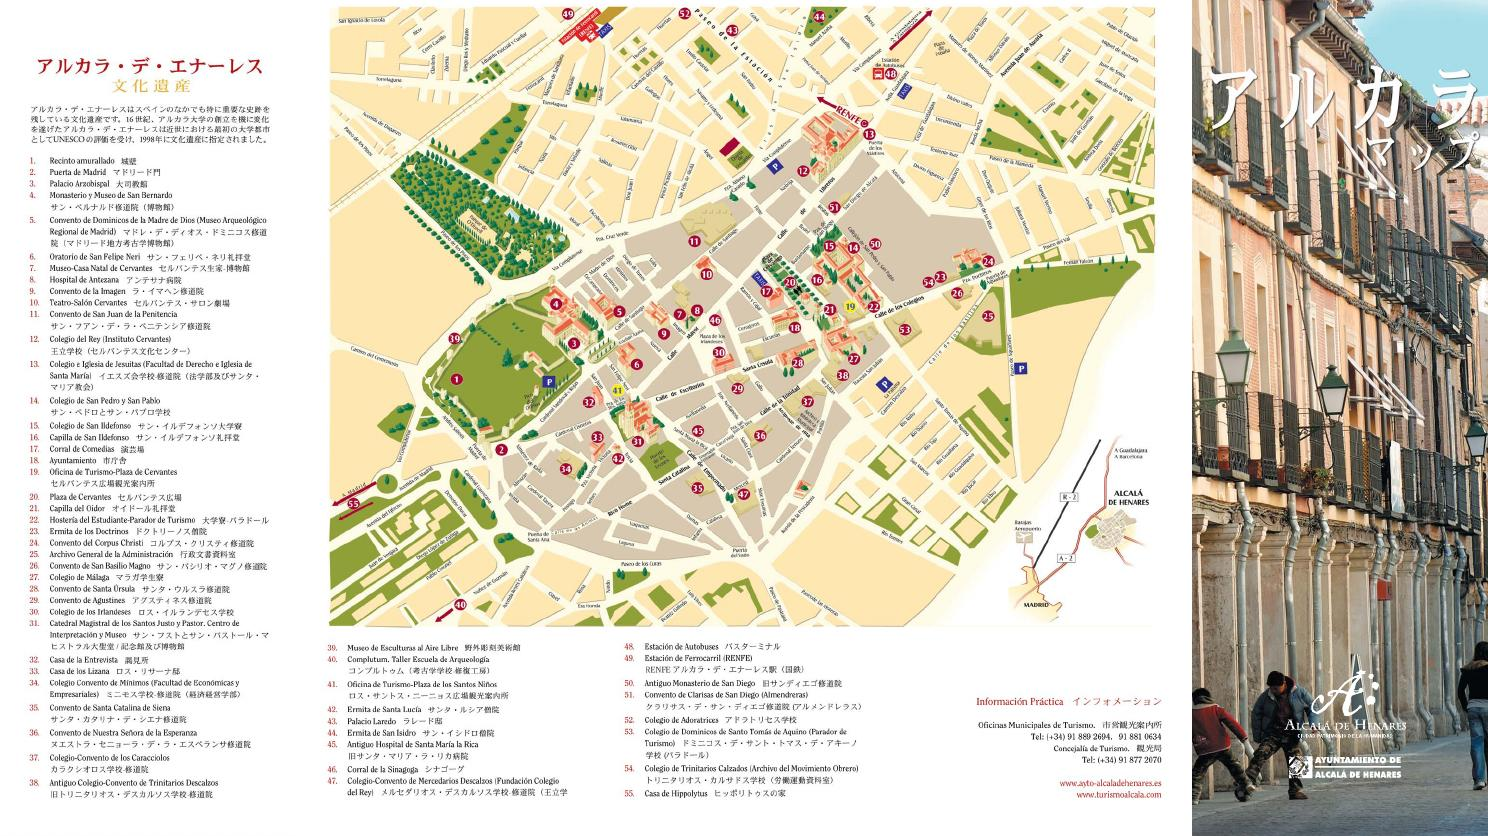 Mapa Alcala De Henares.Plano Turistico De Alcala De Henares By Camara De Comercio